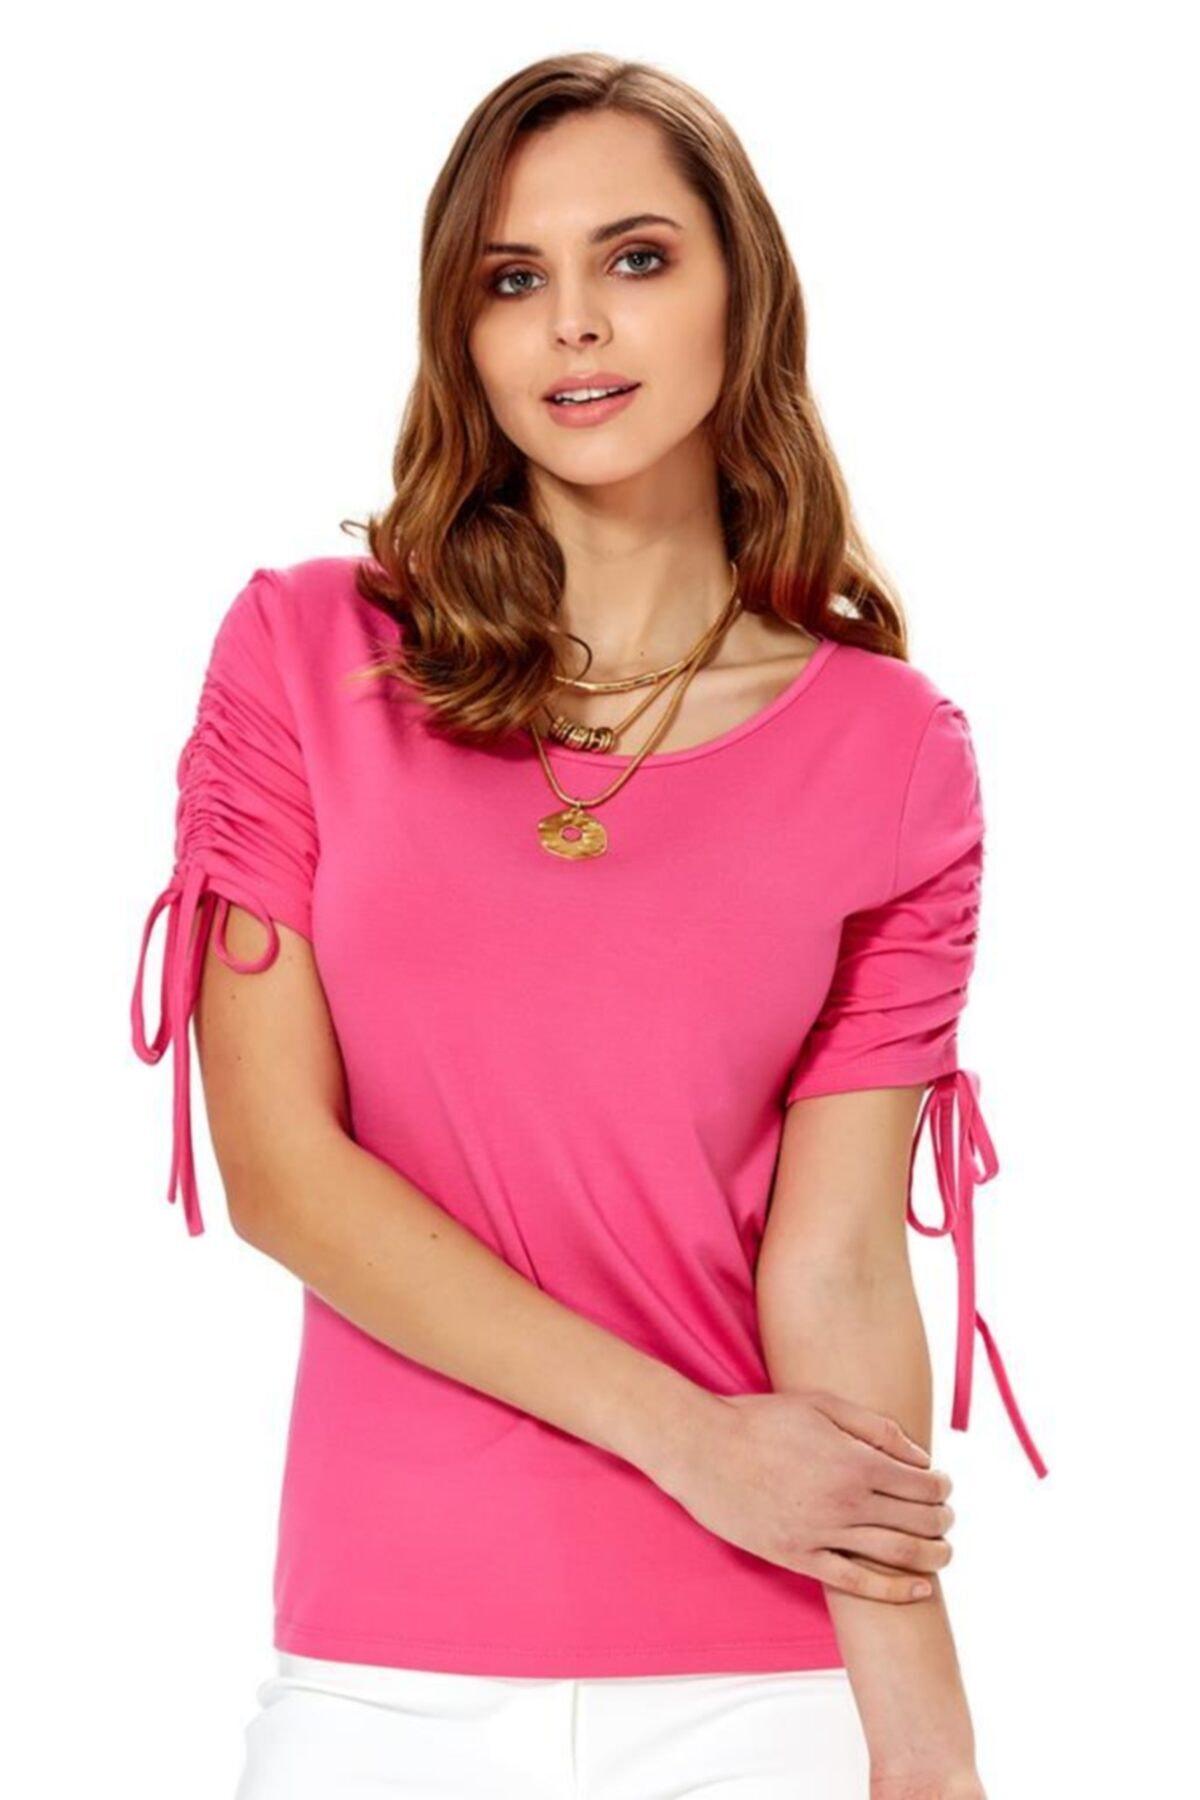 İKİLER Kadın Açık Fuşya Kolu Bağcıklı Bluz 018-1009 1